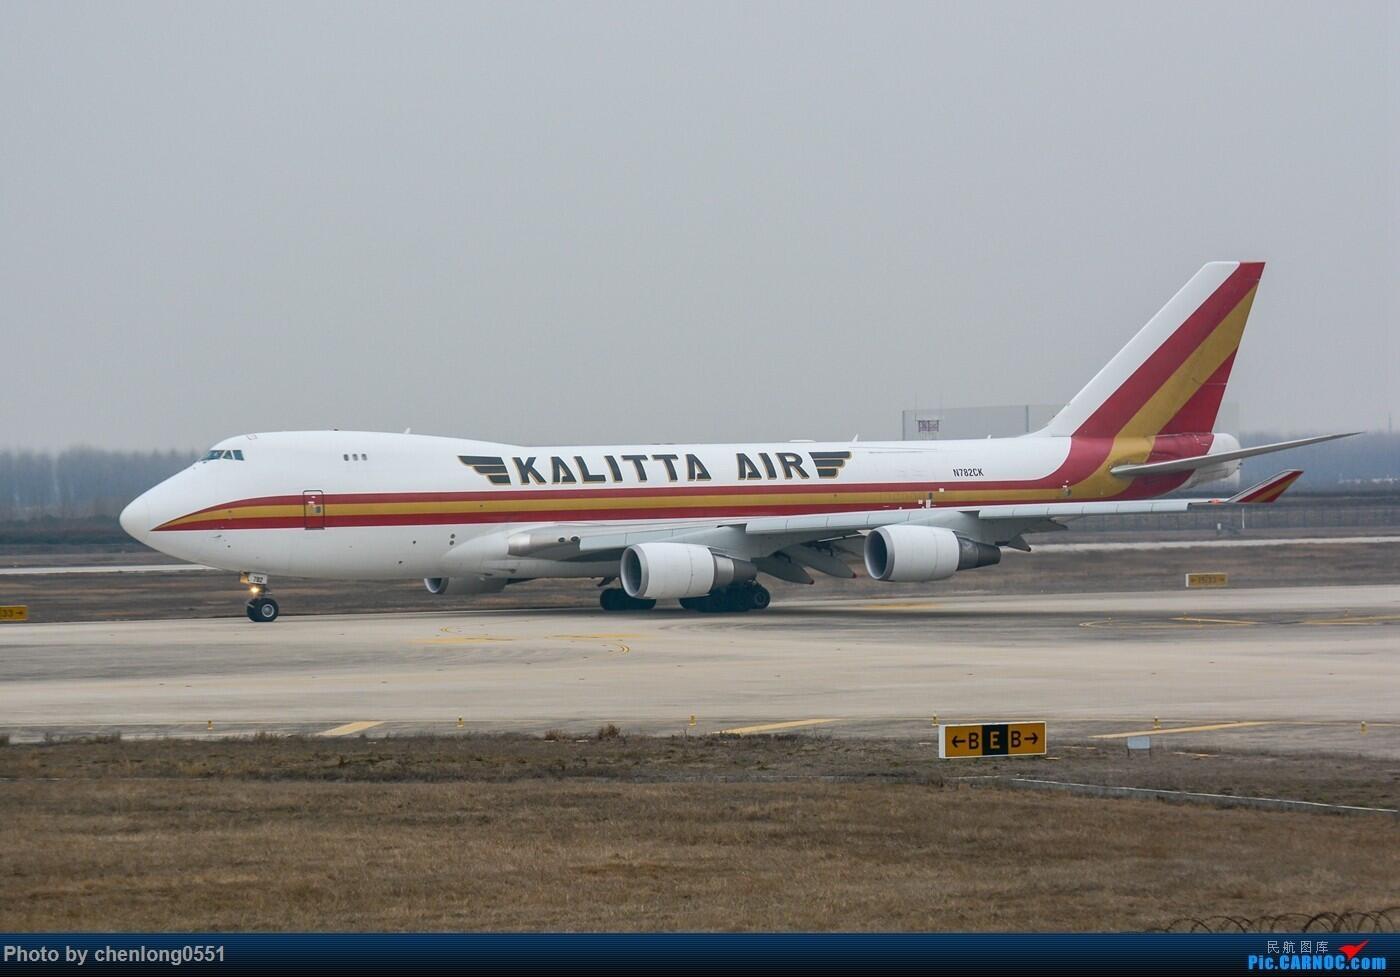 美国撤侨航班今晨从武汉起飞 由一架747货机执飞